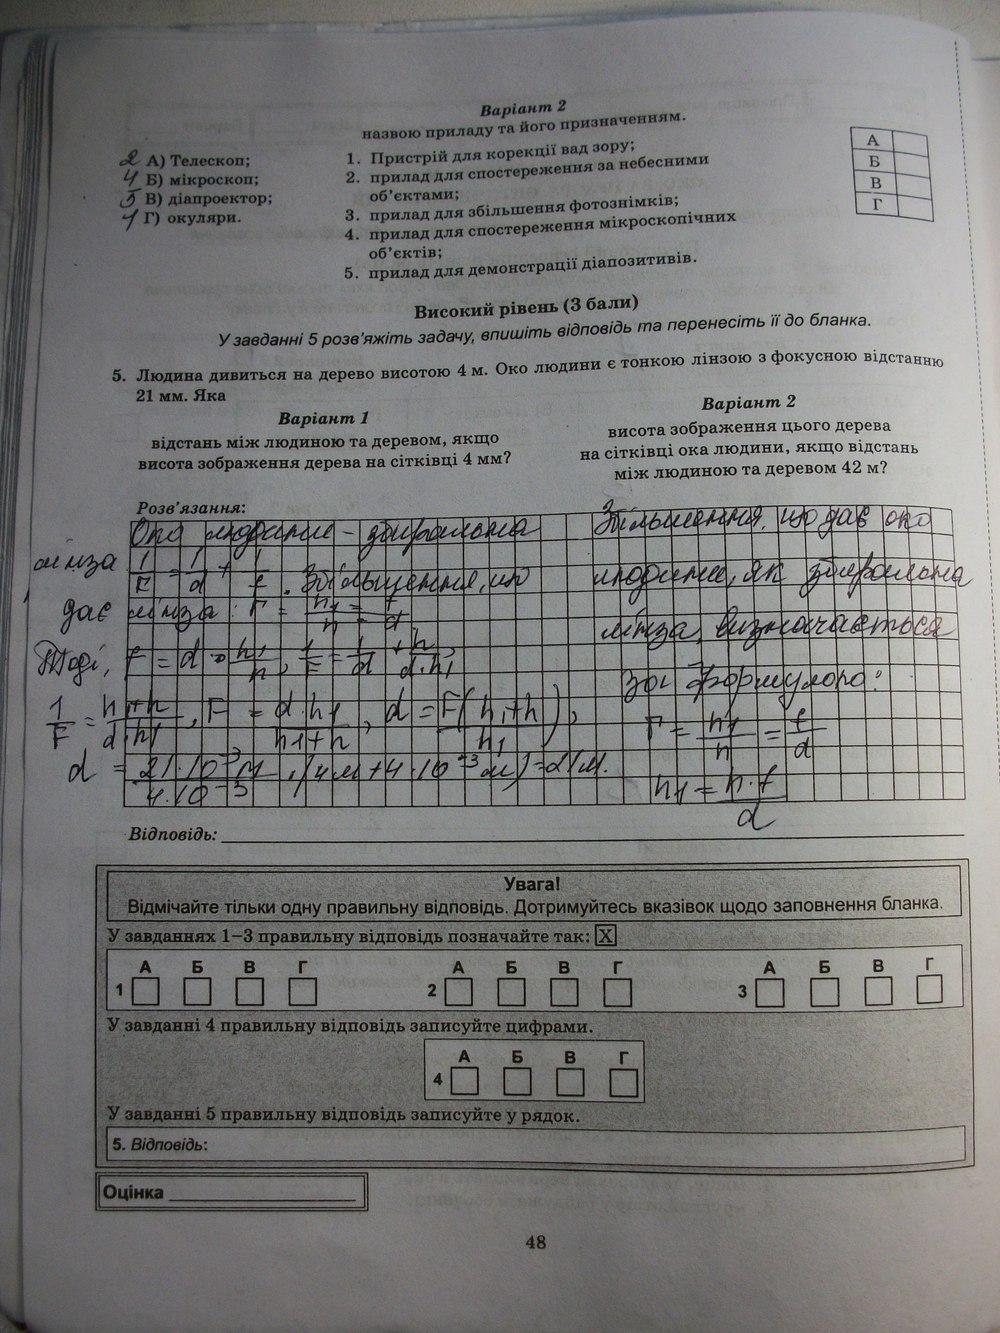 ГДЗ по физике 7 класс Чертіщева М. О.. Задание: стр. 48